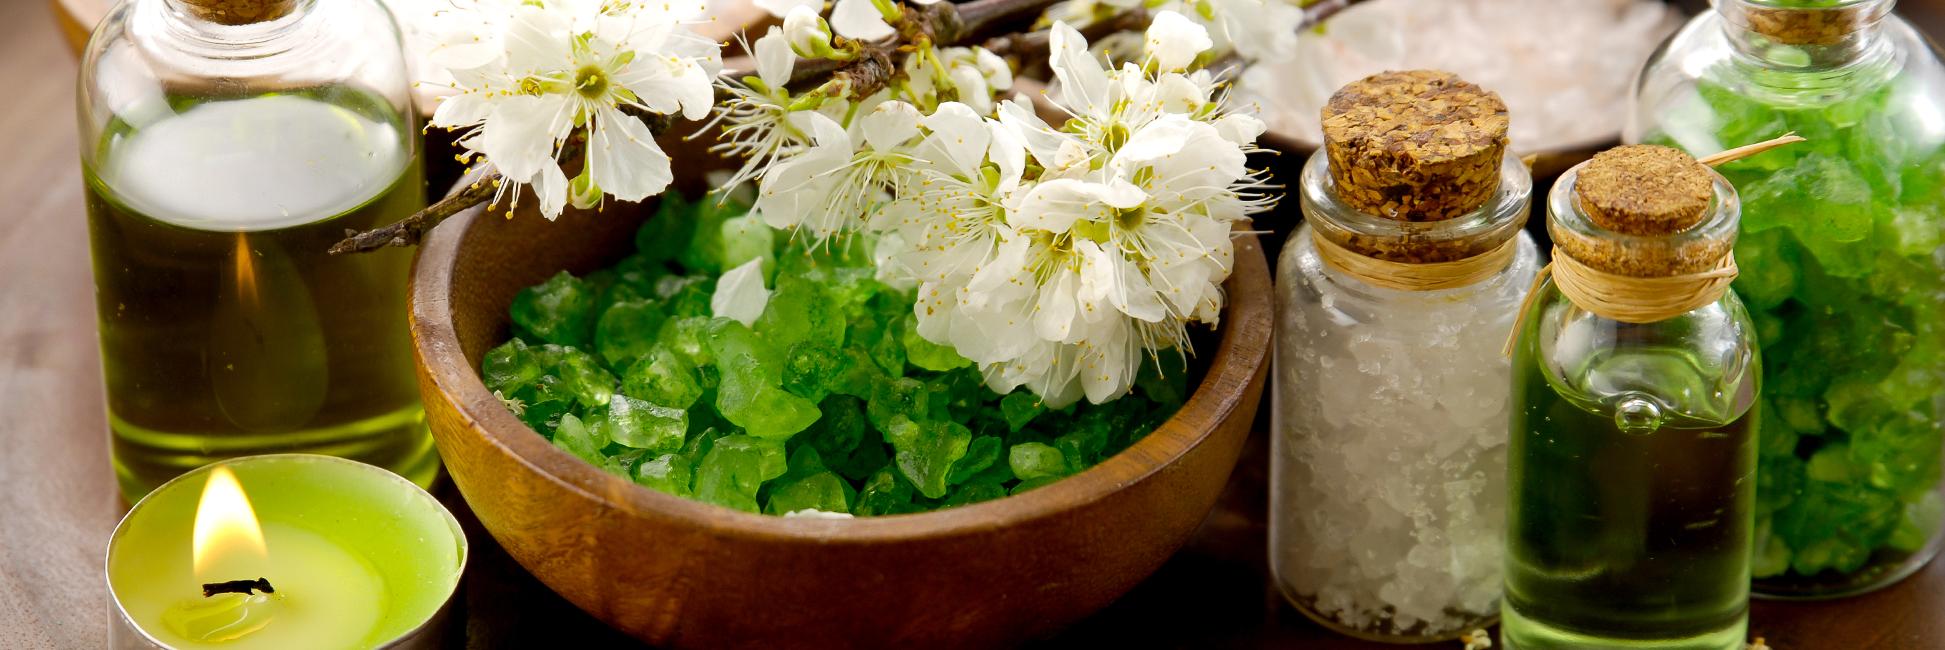 Hotel Gasthof zur Post Aroma-Öle für Massagen